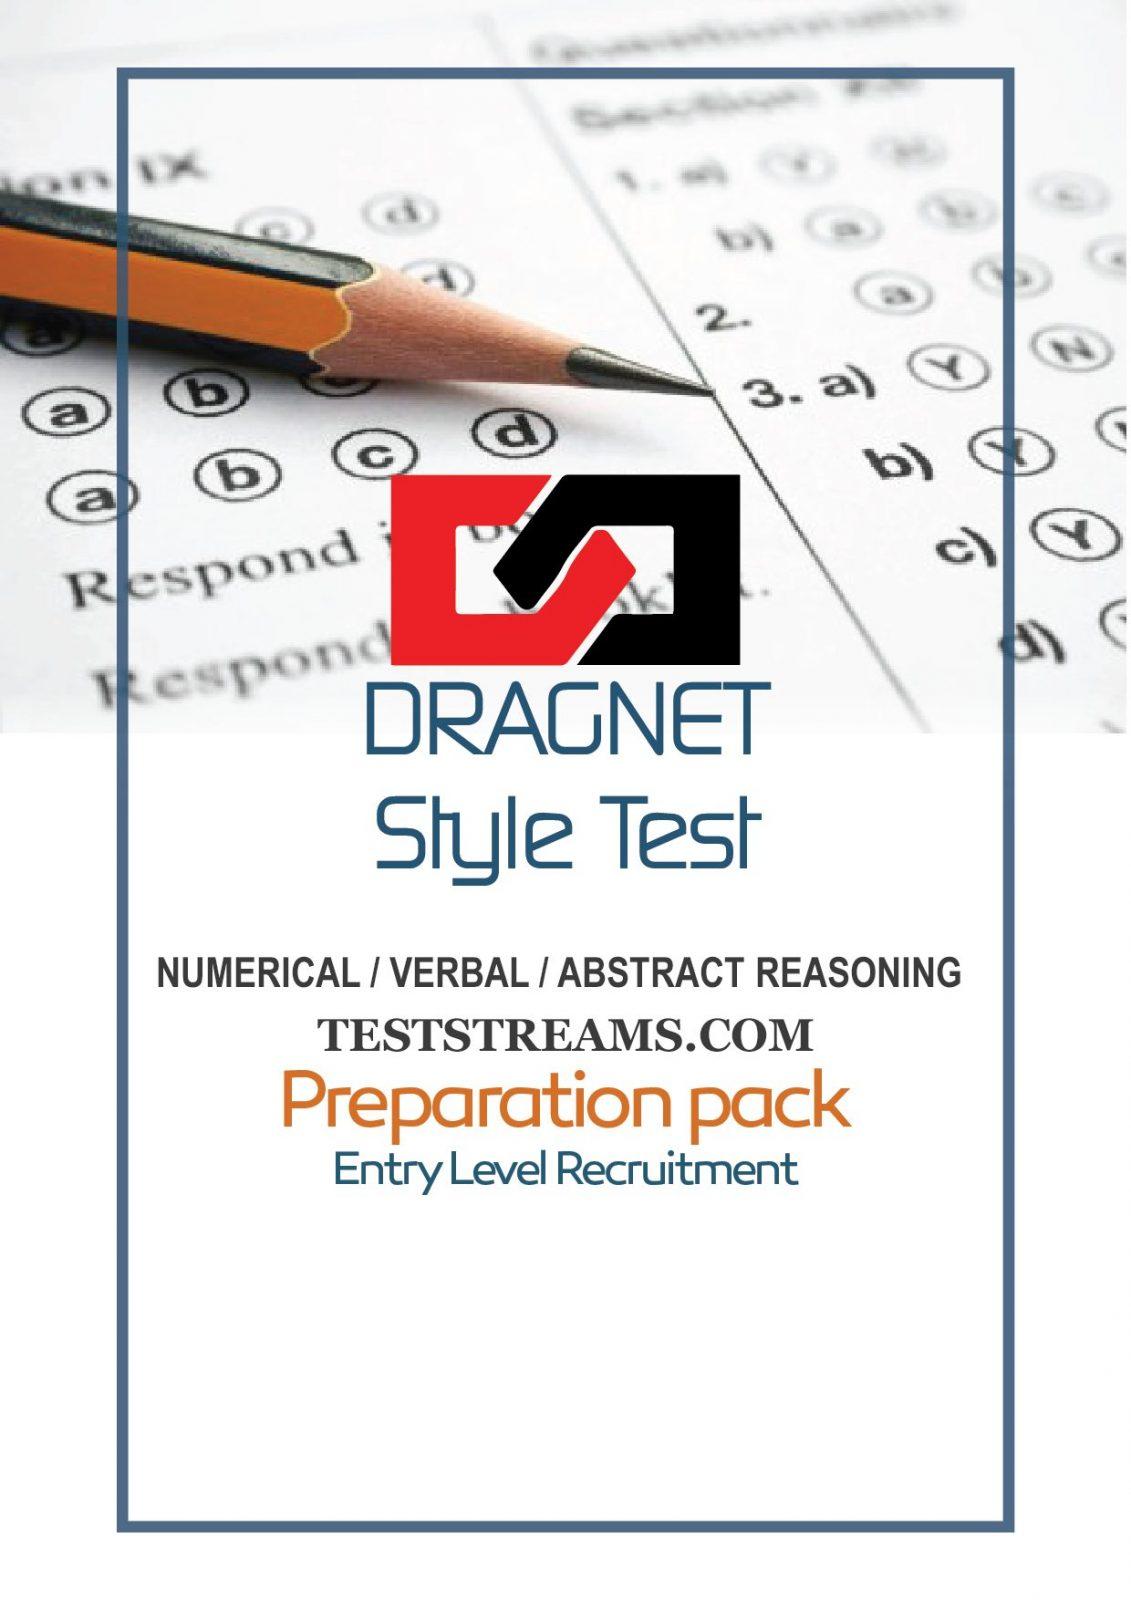 dragnet aptitude test past questions